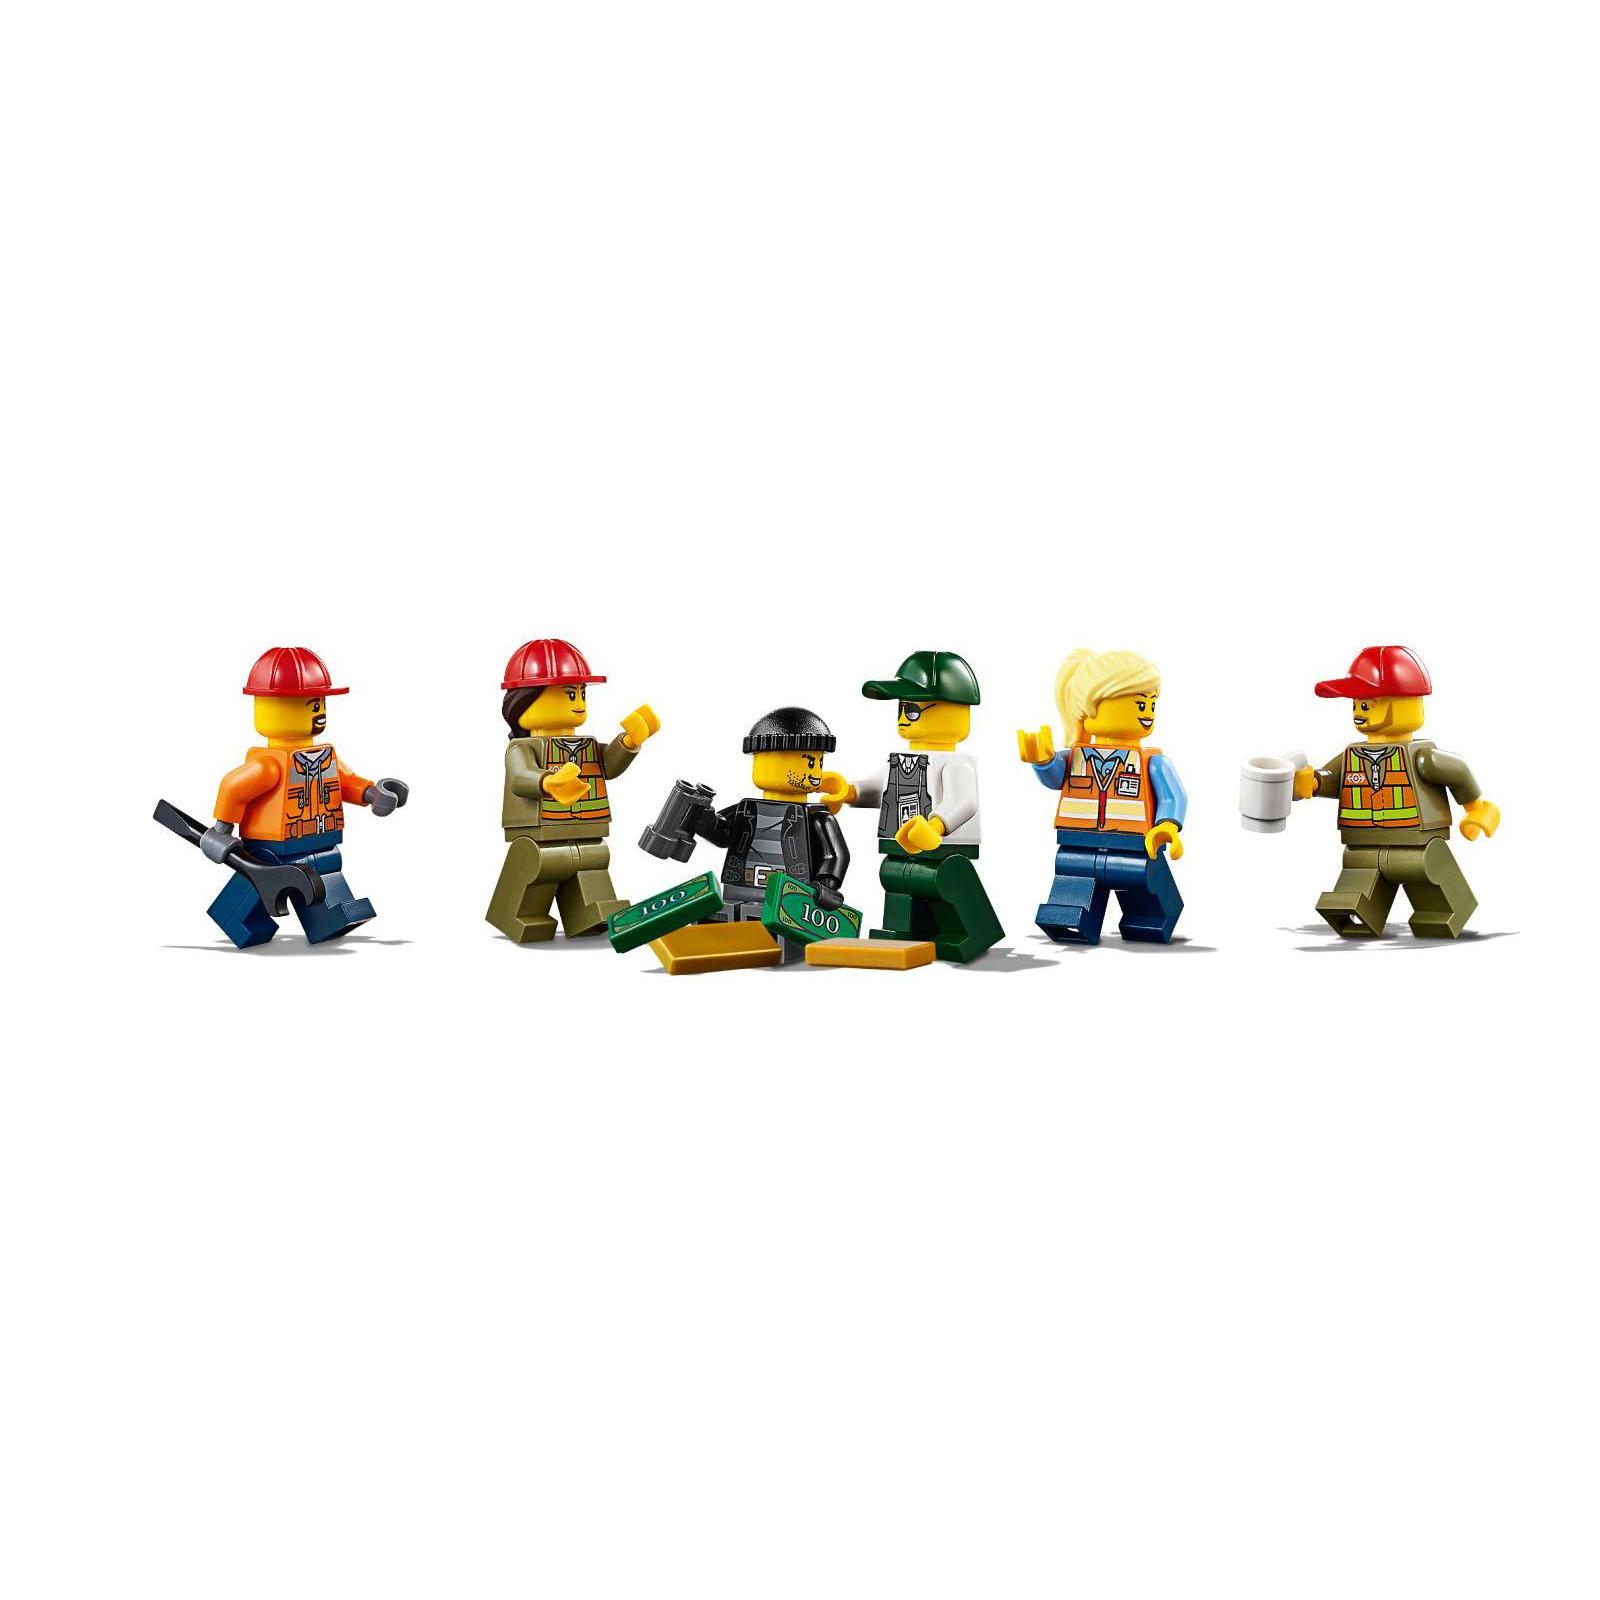 Конструктор LEGO CITY Грузовой поезд (60198) изображение 7